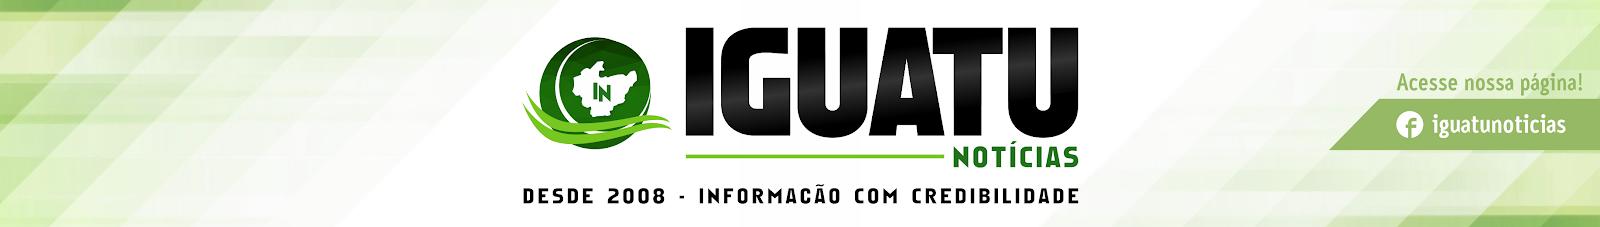 Iguatu Noticias